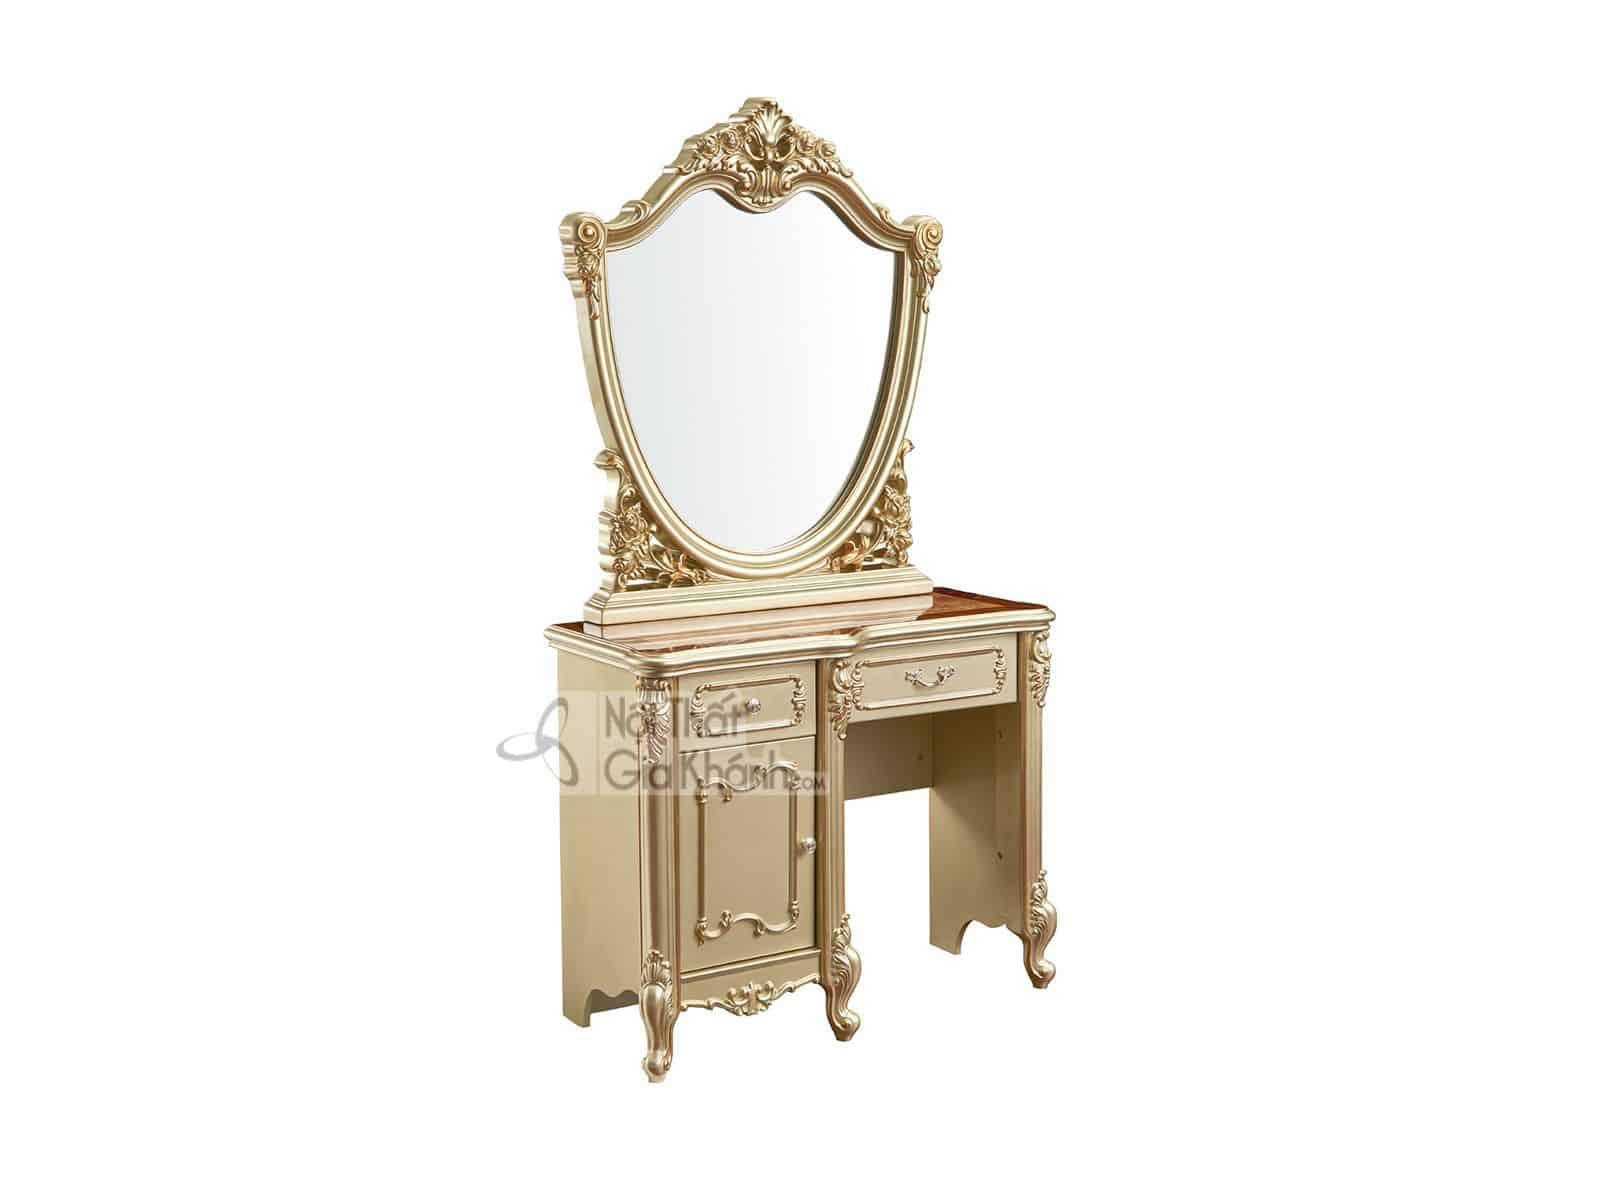 Bộ bàn ghế trang điểm gỗ tân cổ điển BD8802A (Mẫu mới nhất)